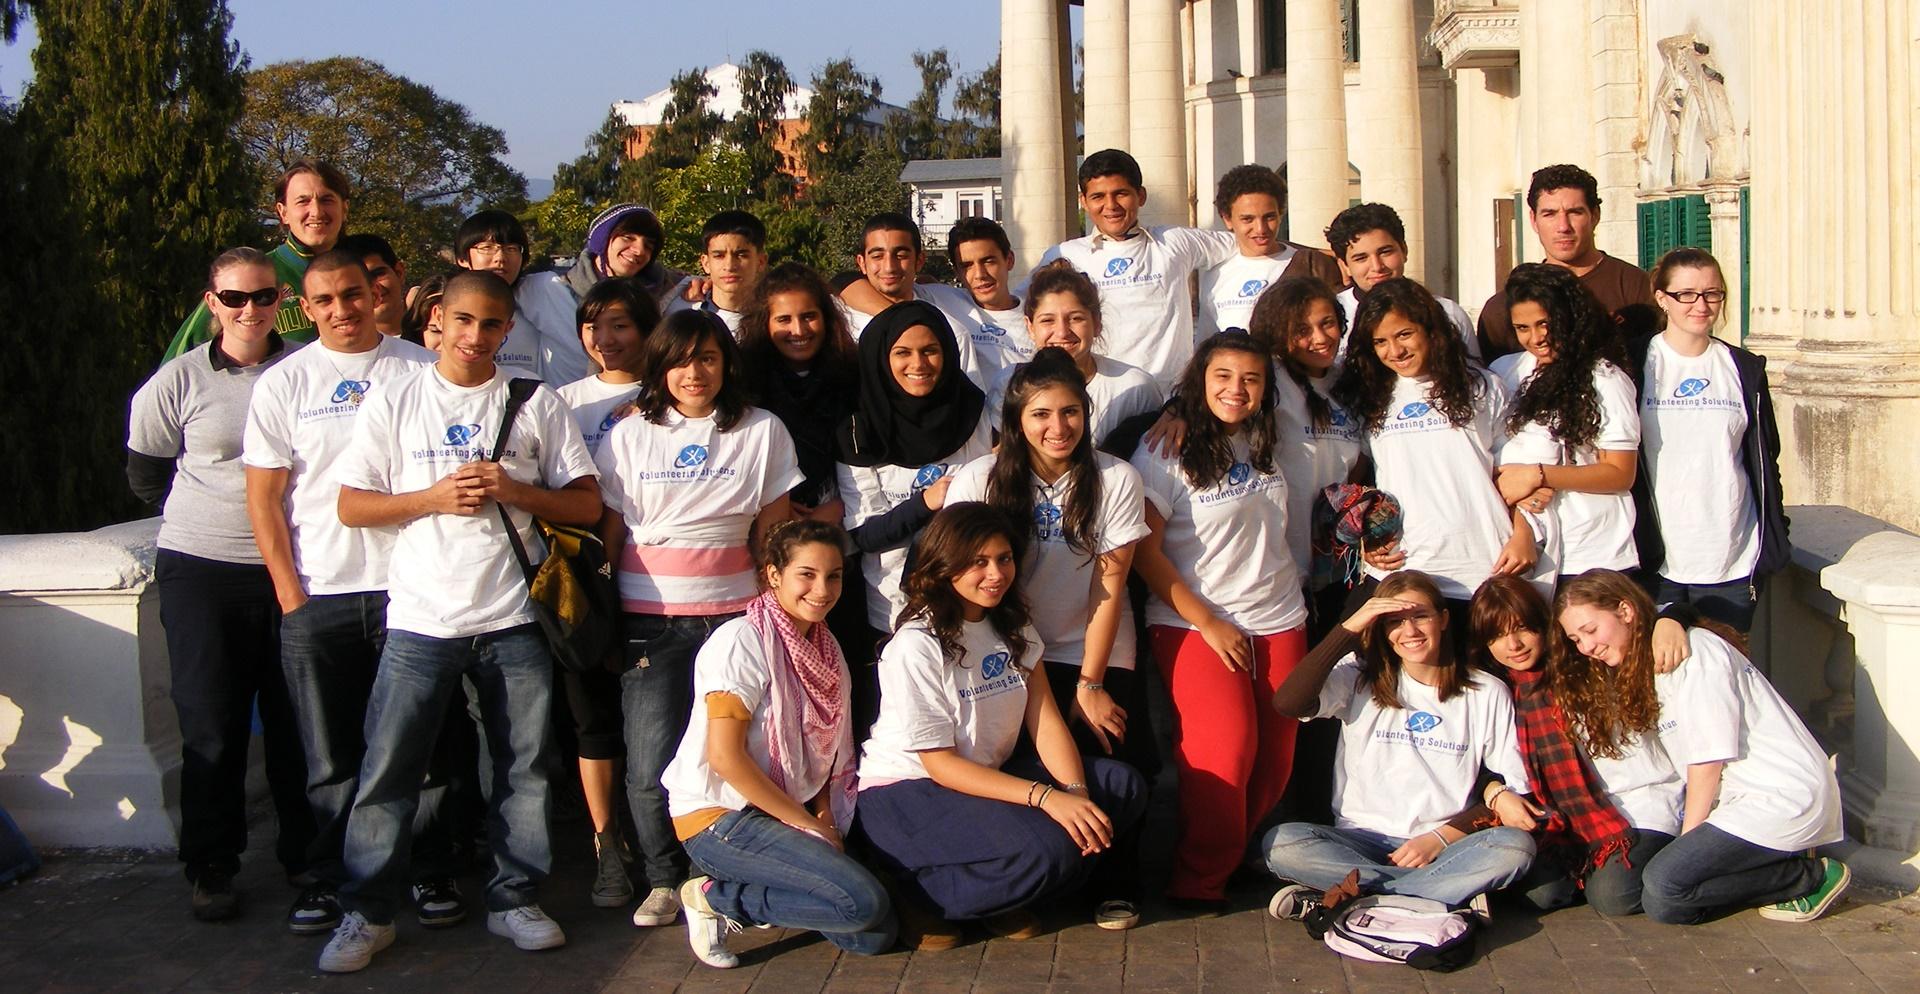 Viagens de Grupos Escolares no Exterior